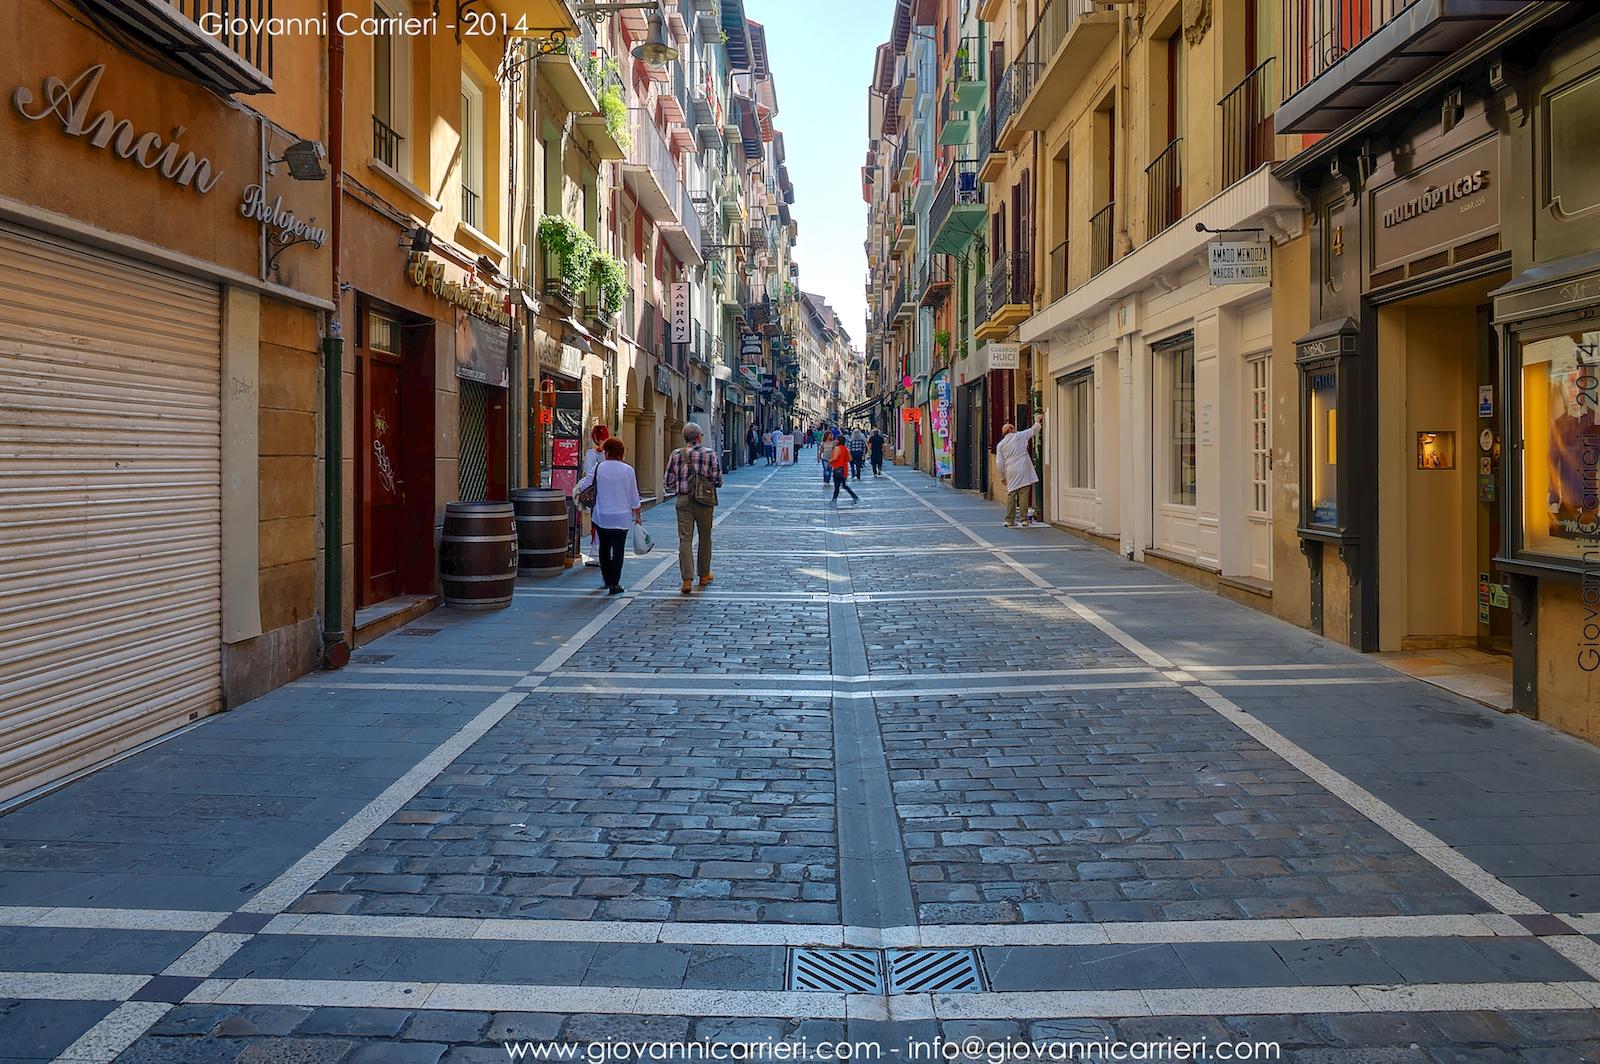 Le strade del centro cittadino di Pamplona